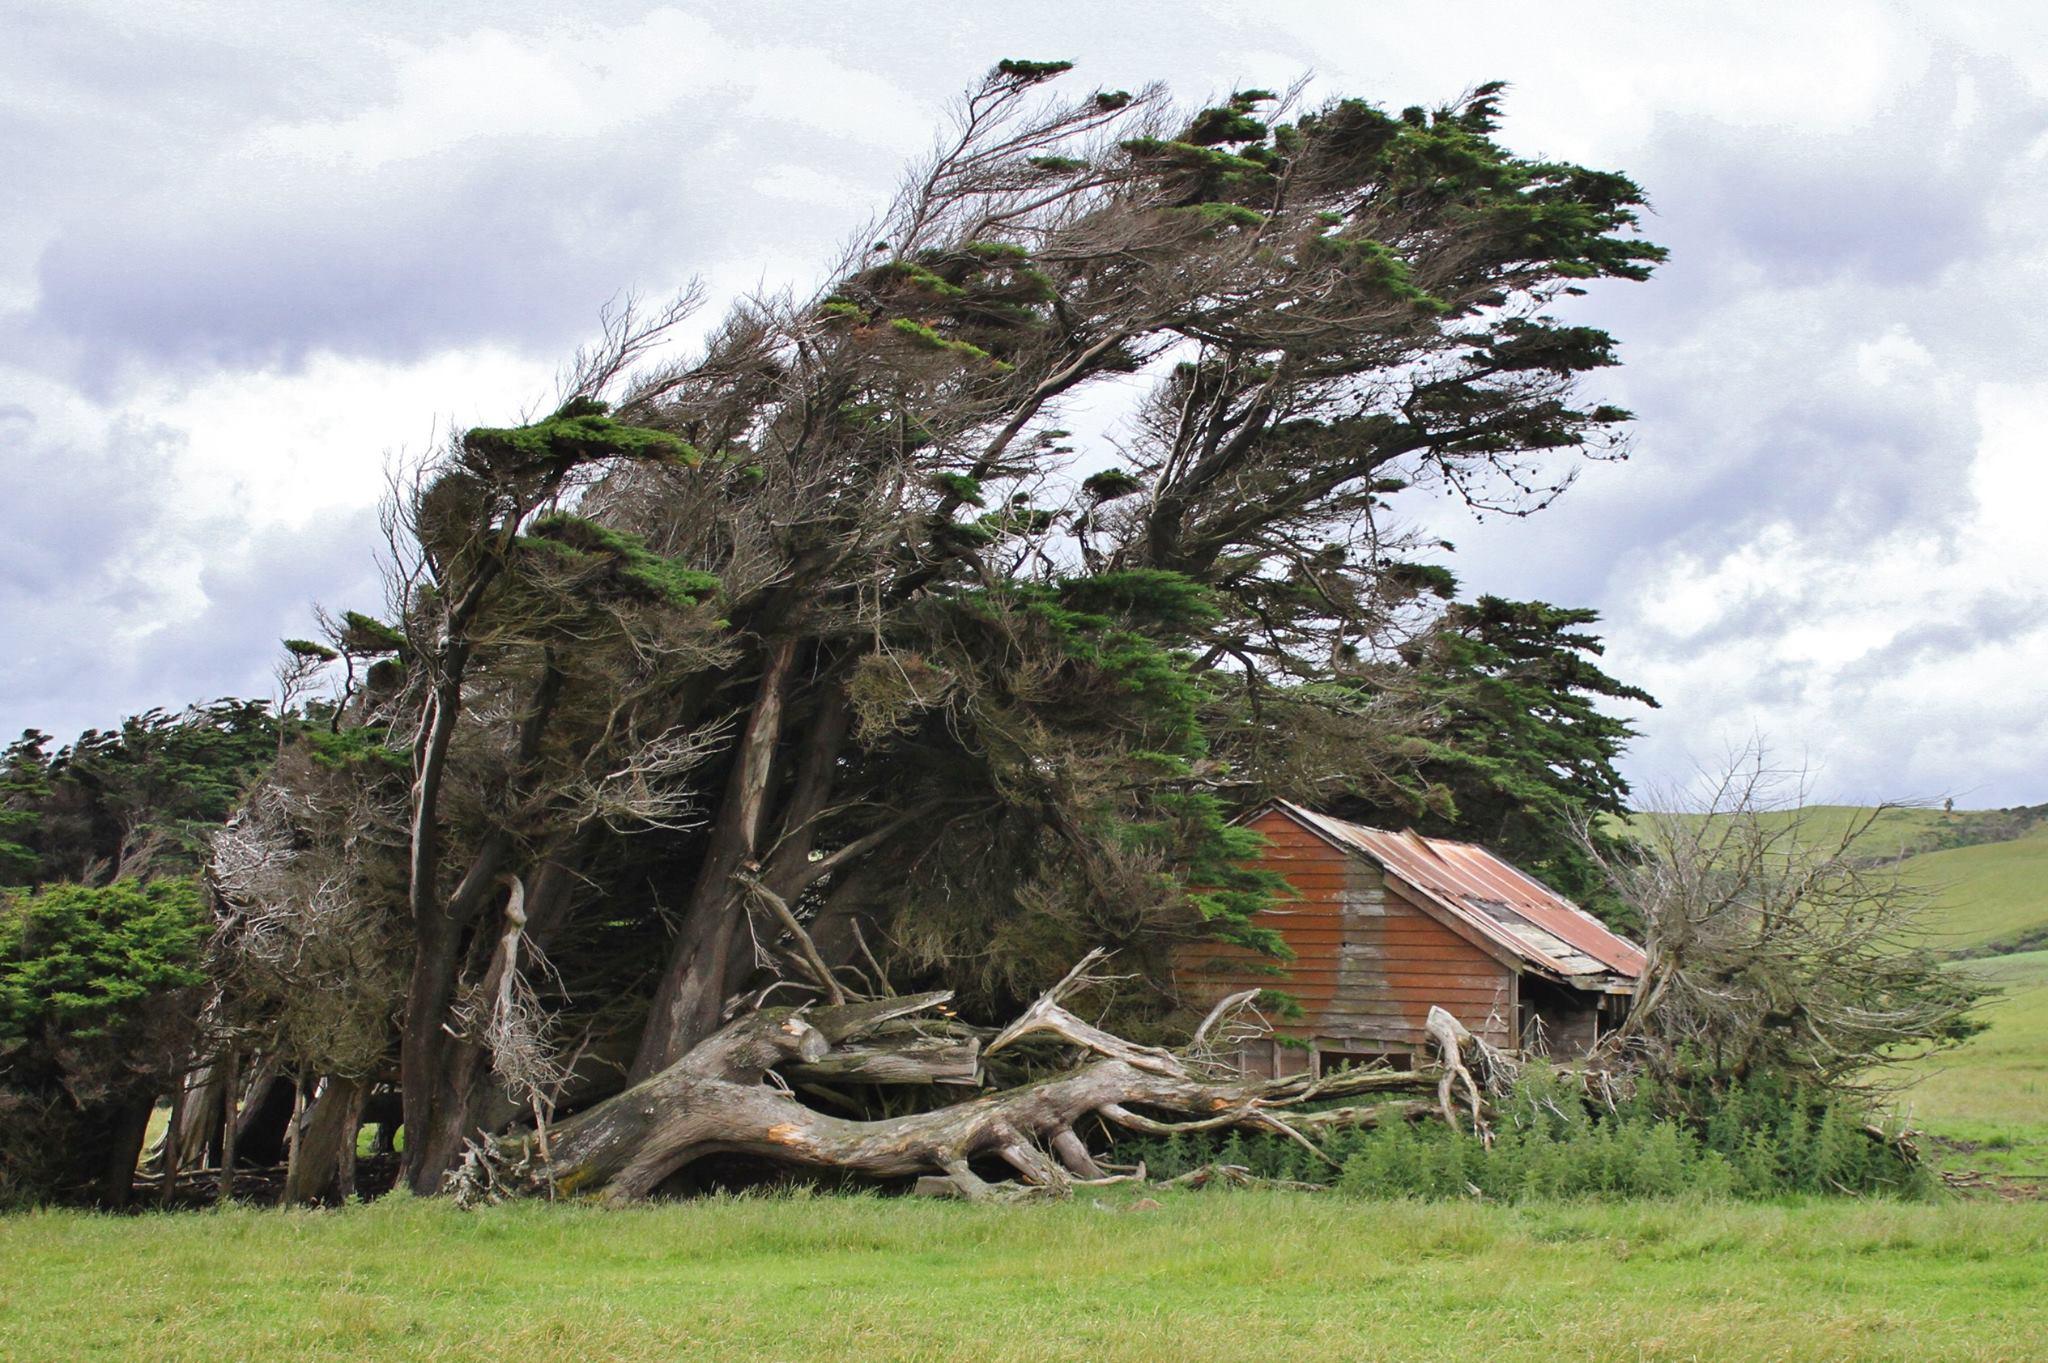 Esse ângulo das árvores tortas, com uma casa dentro, deixam a cena ainda mais macabra! (Fonte: My_Photo_Pics/Facebook/Reprodução)